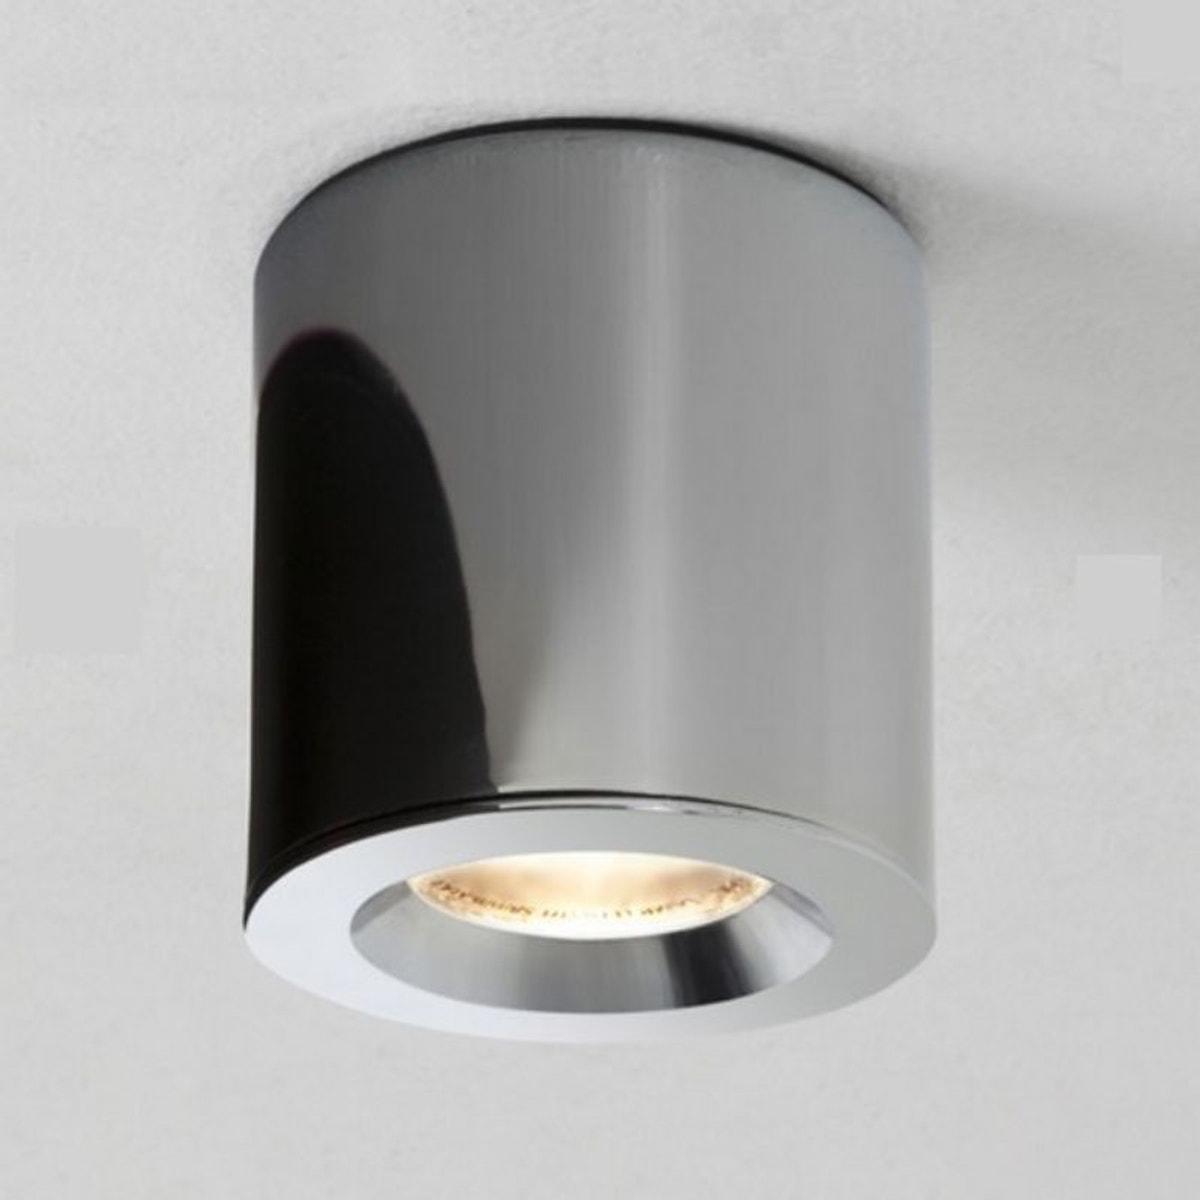 Plafonnier Kos Rond Led Ip65 Salle De Bains Taille Taille Unique Luminaire Plafond Led Plafond Et Lumiere Led